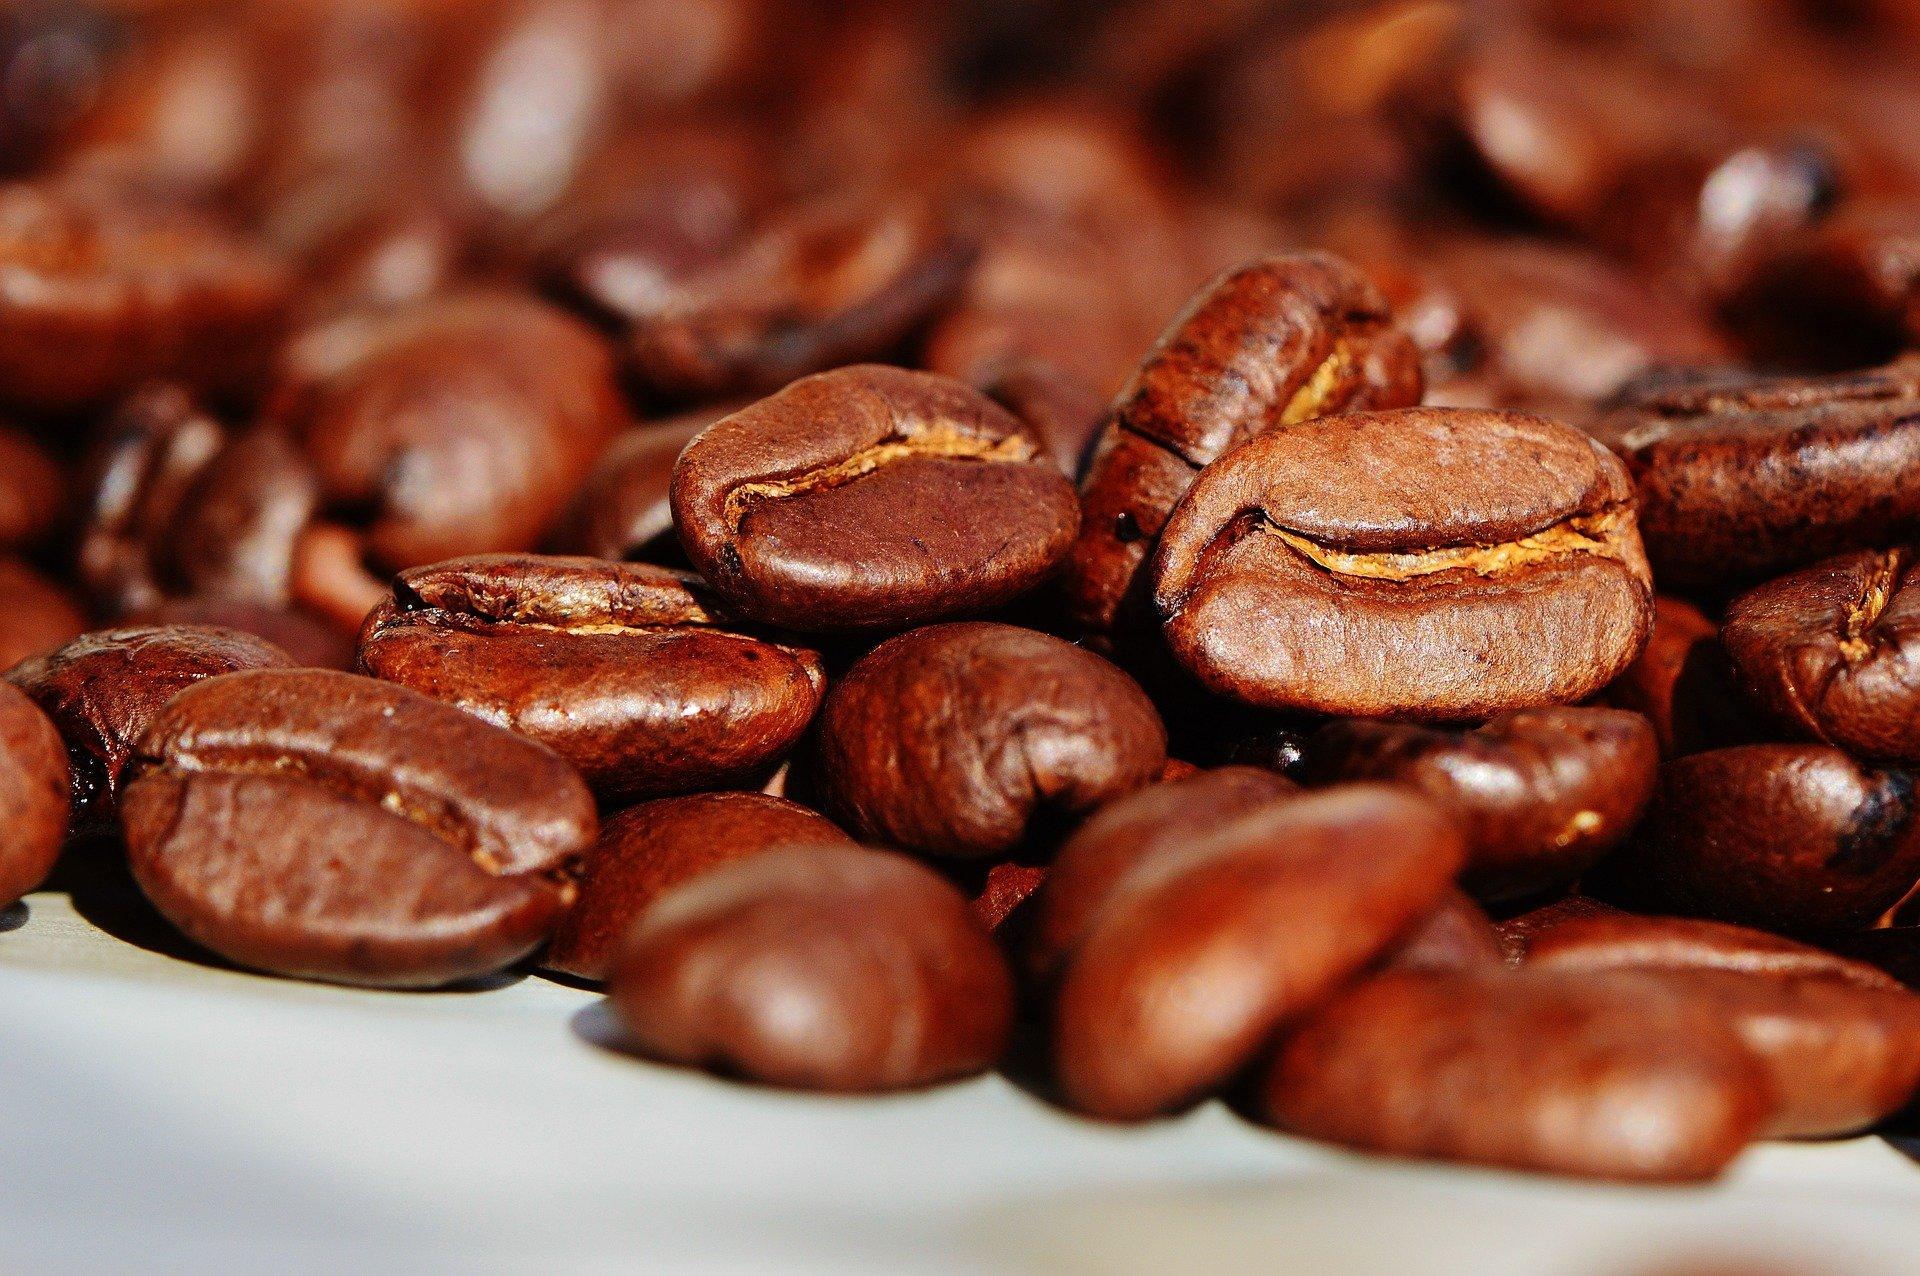 coffee-1291656_1920 (1)